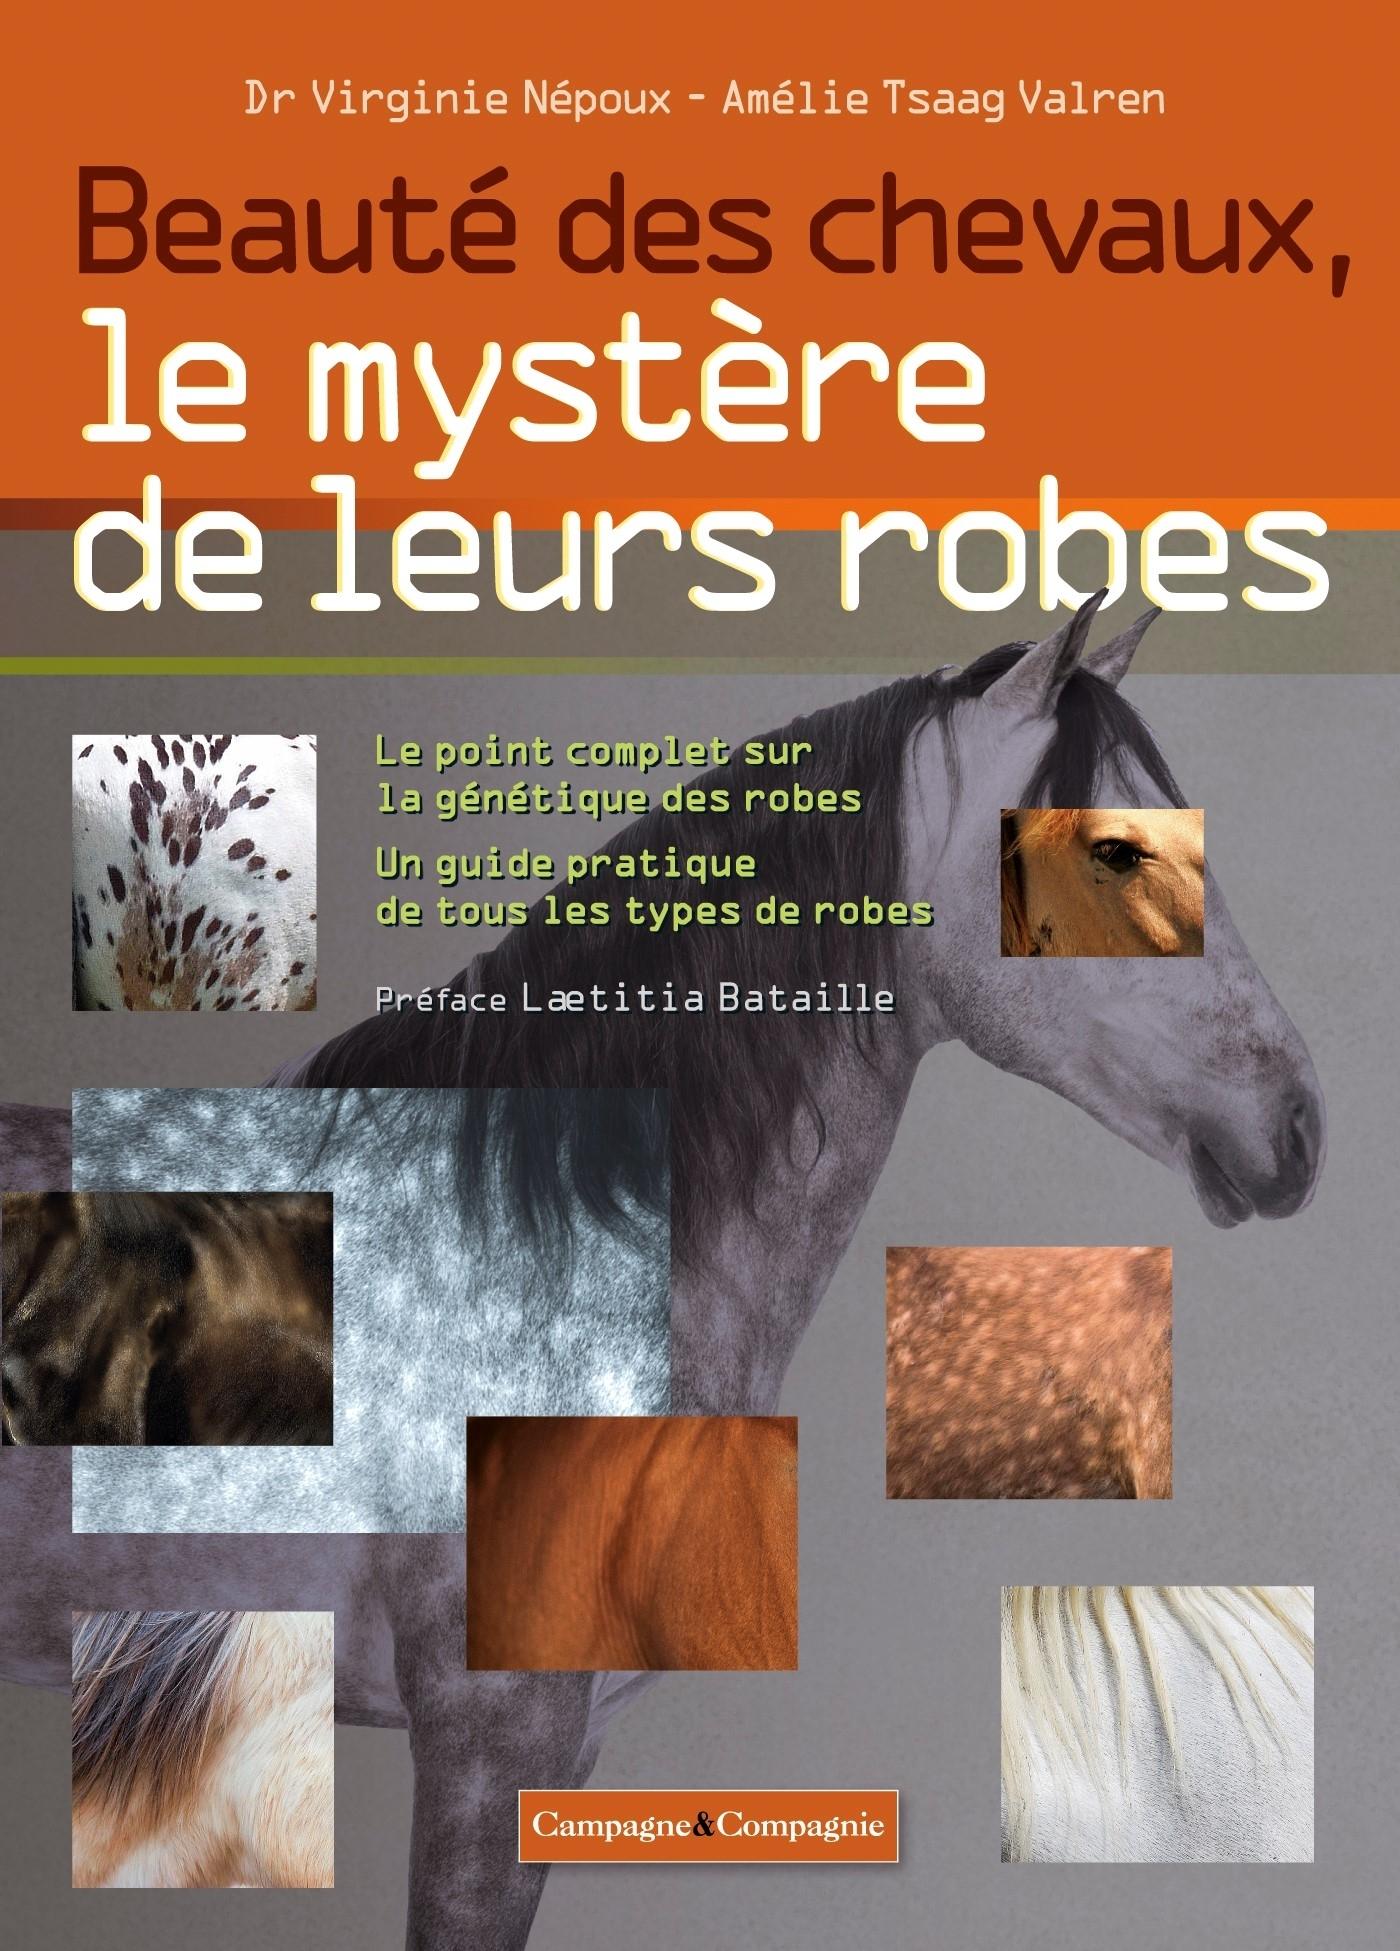 BEAUTE DES CHEVAUX, LE MYSTERE DE LEURS ROBES